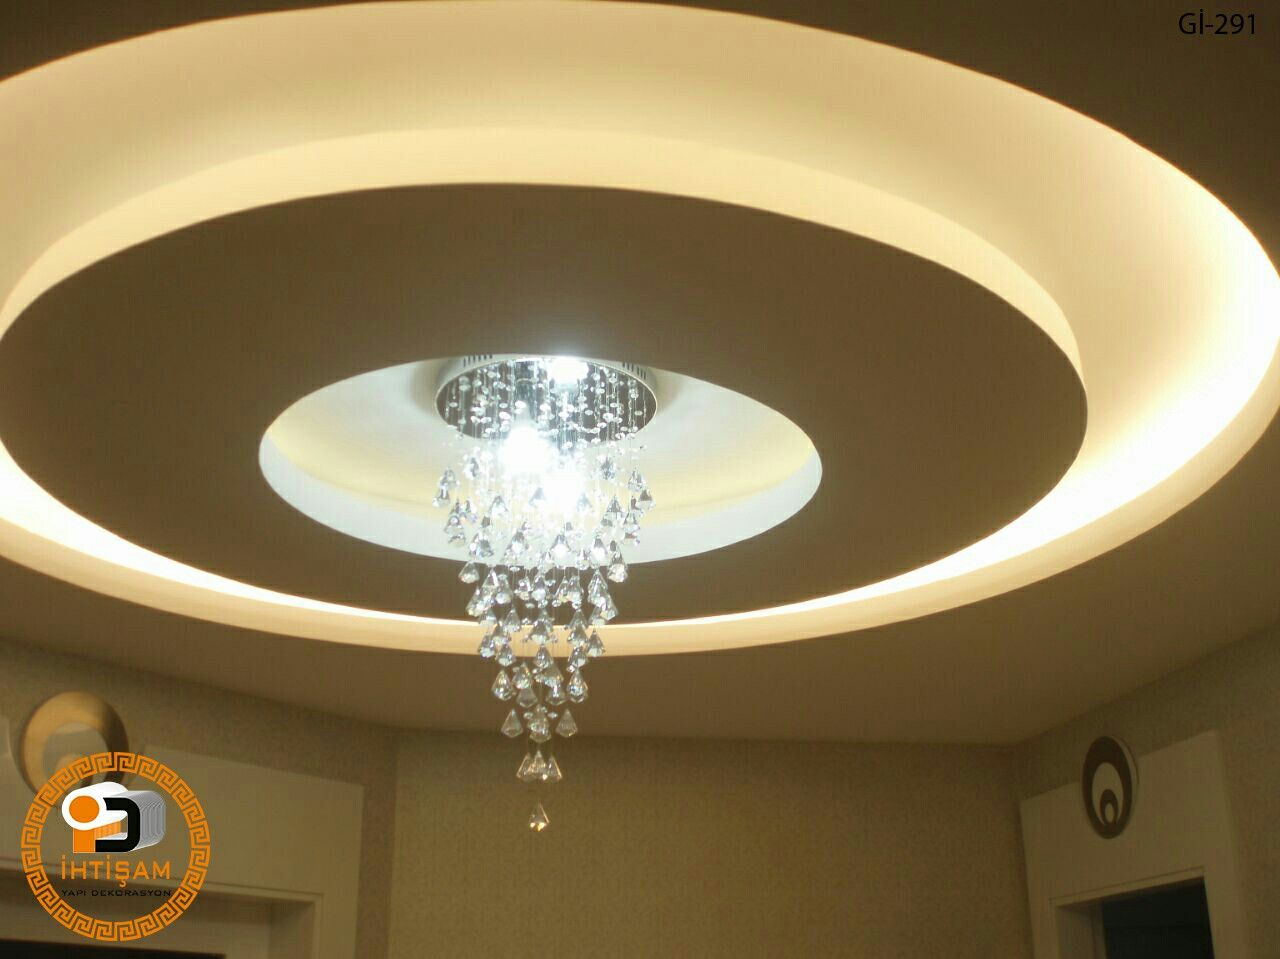 Round False Ceiling House Ceiling Design Kitchen Ceiling Lights Ceiling Light Design